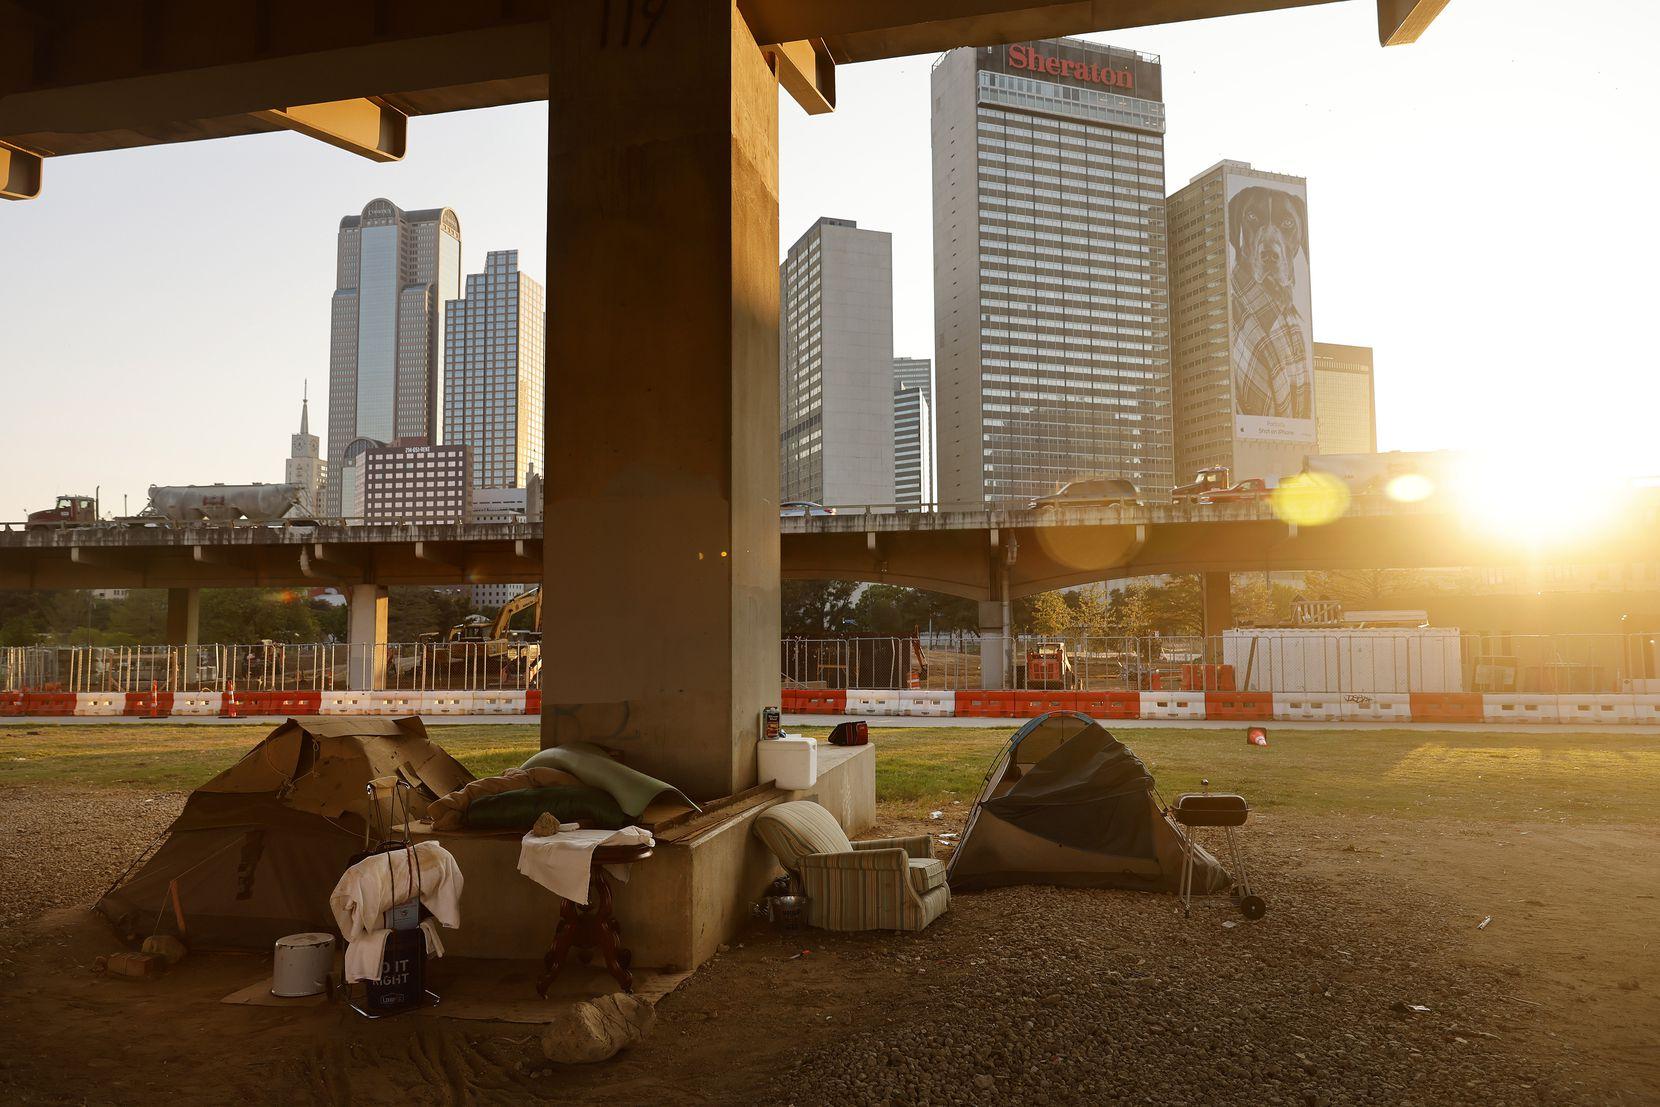 Un campamento de indigentes bajo un puente de la autopista I-345 en el centro de Dallas, el jueves 26 de agosto de 2021.